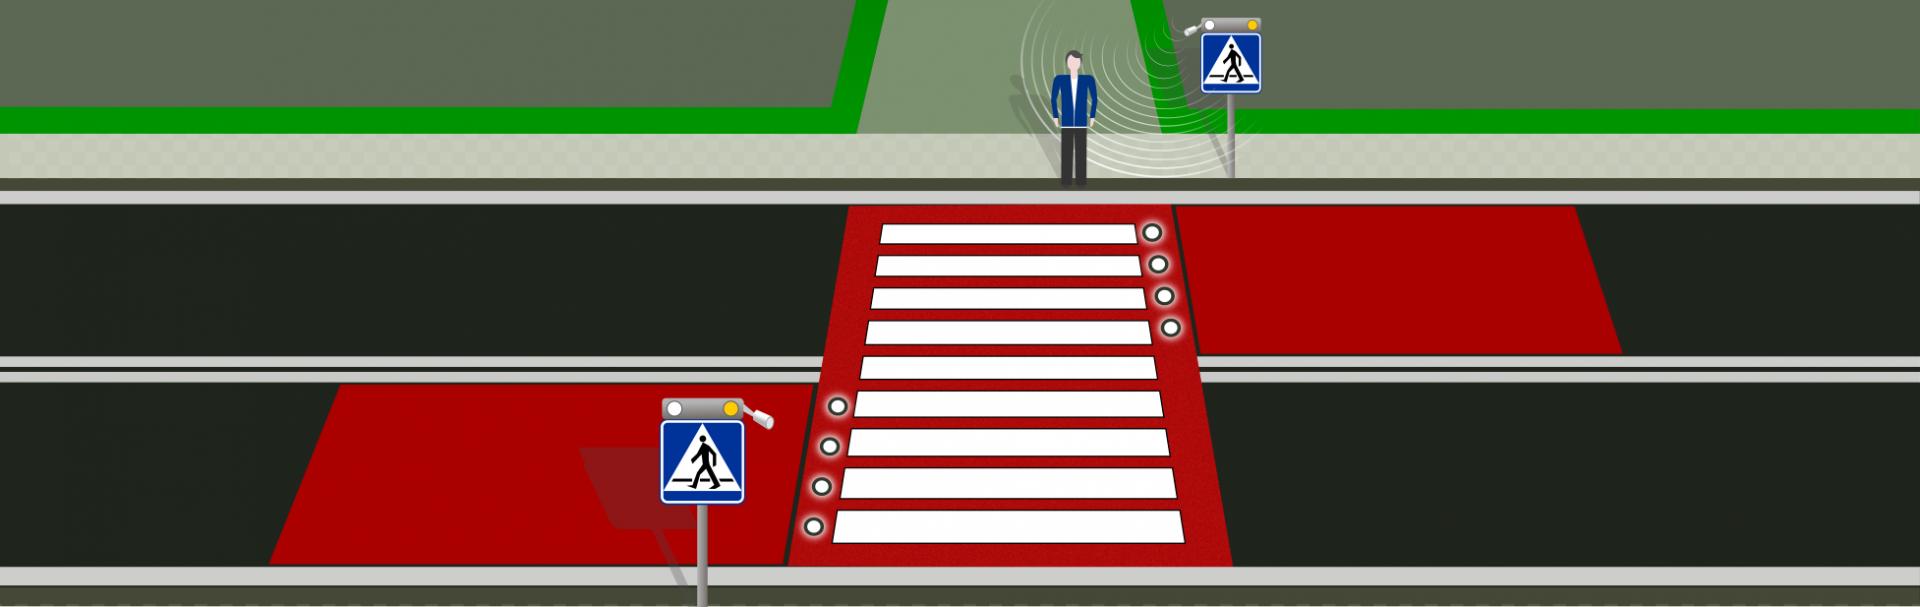 Bezpieczne aktywne przejście dla pieszych